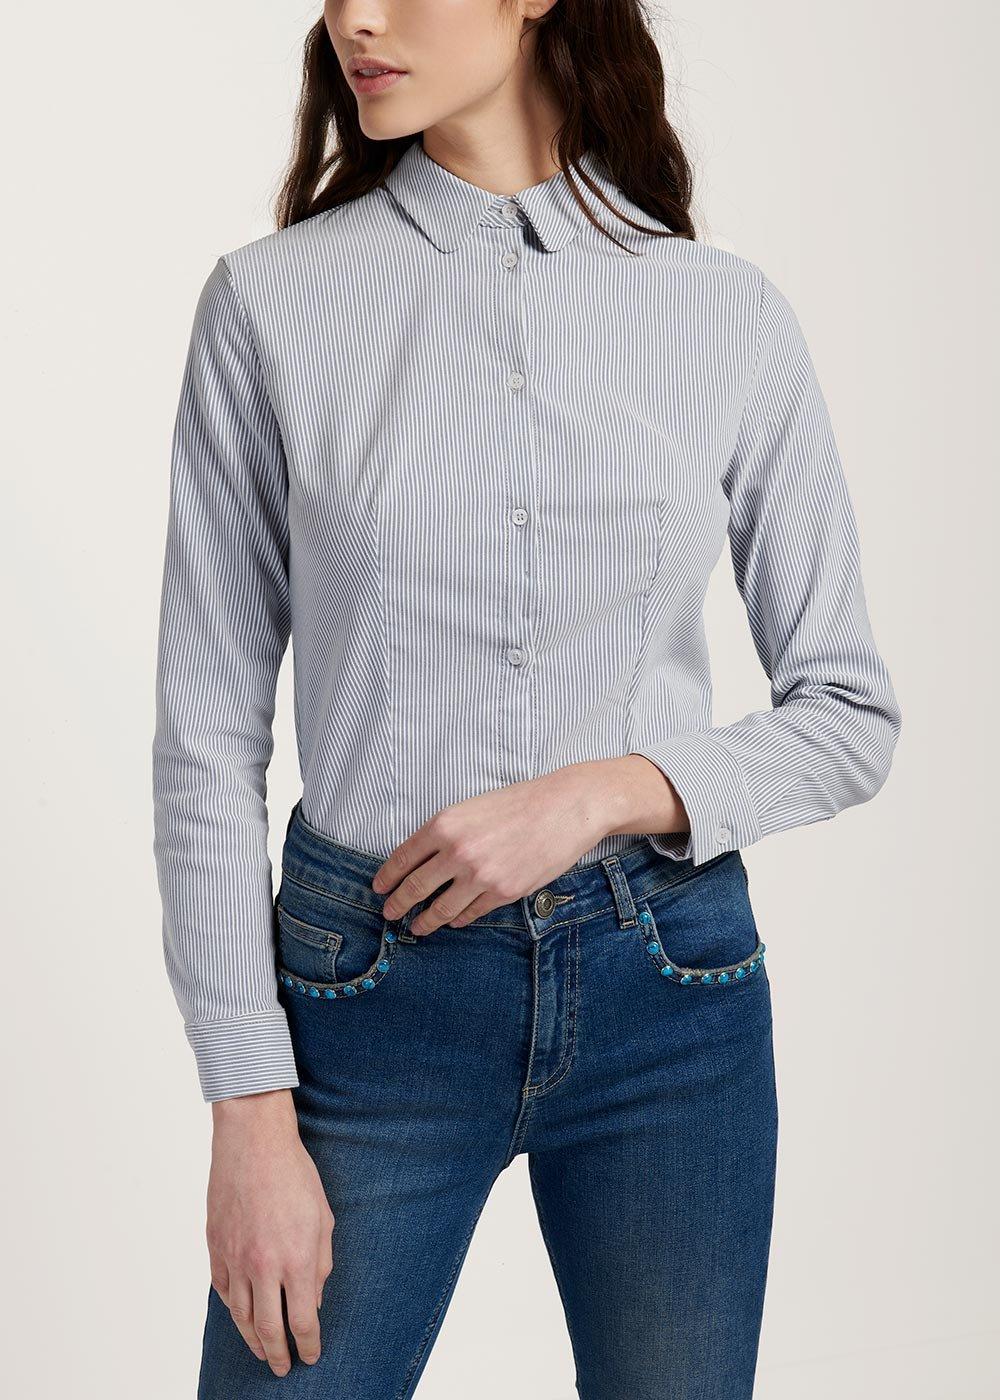 Camicia Alessia su tessuto rigato - Avion / White Stripes - Donna